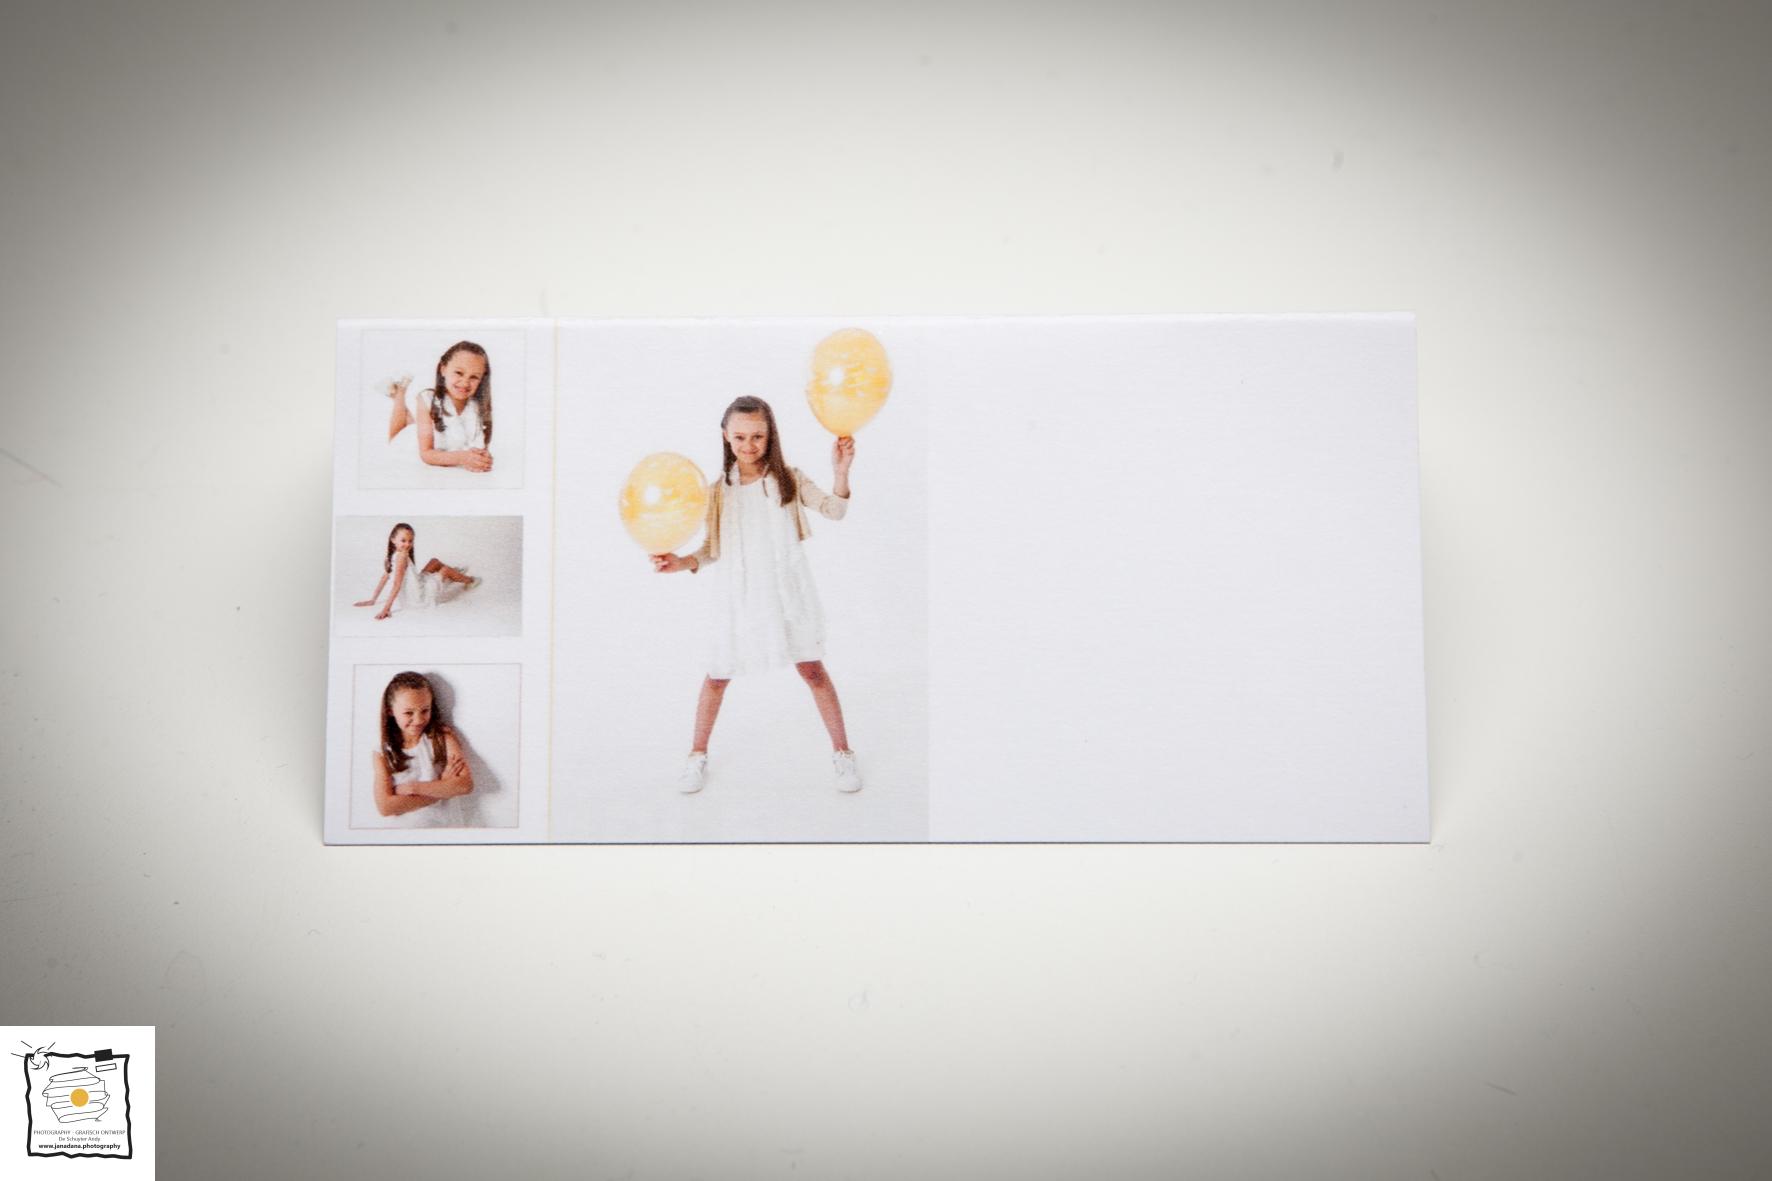 naamkaartje met foto